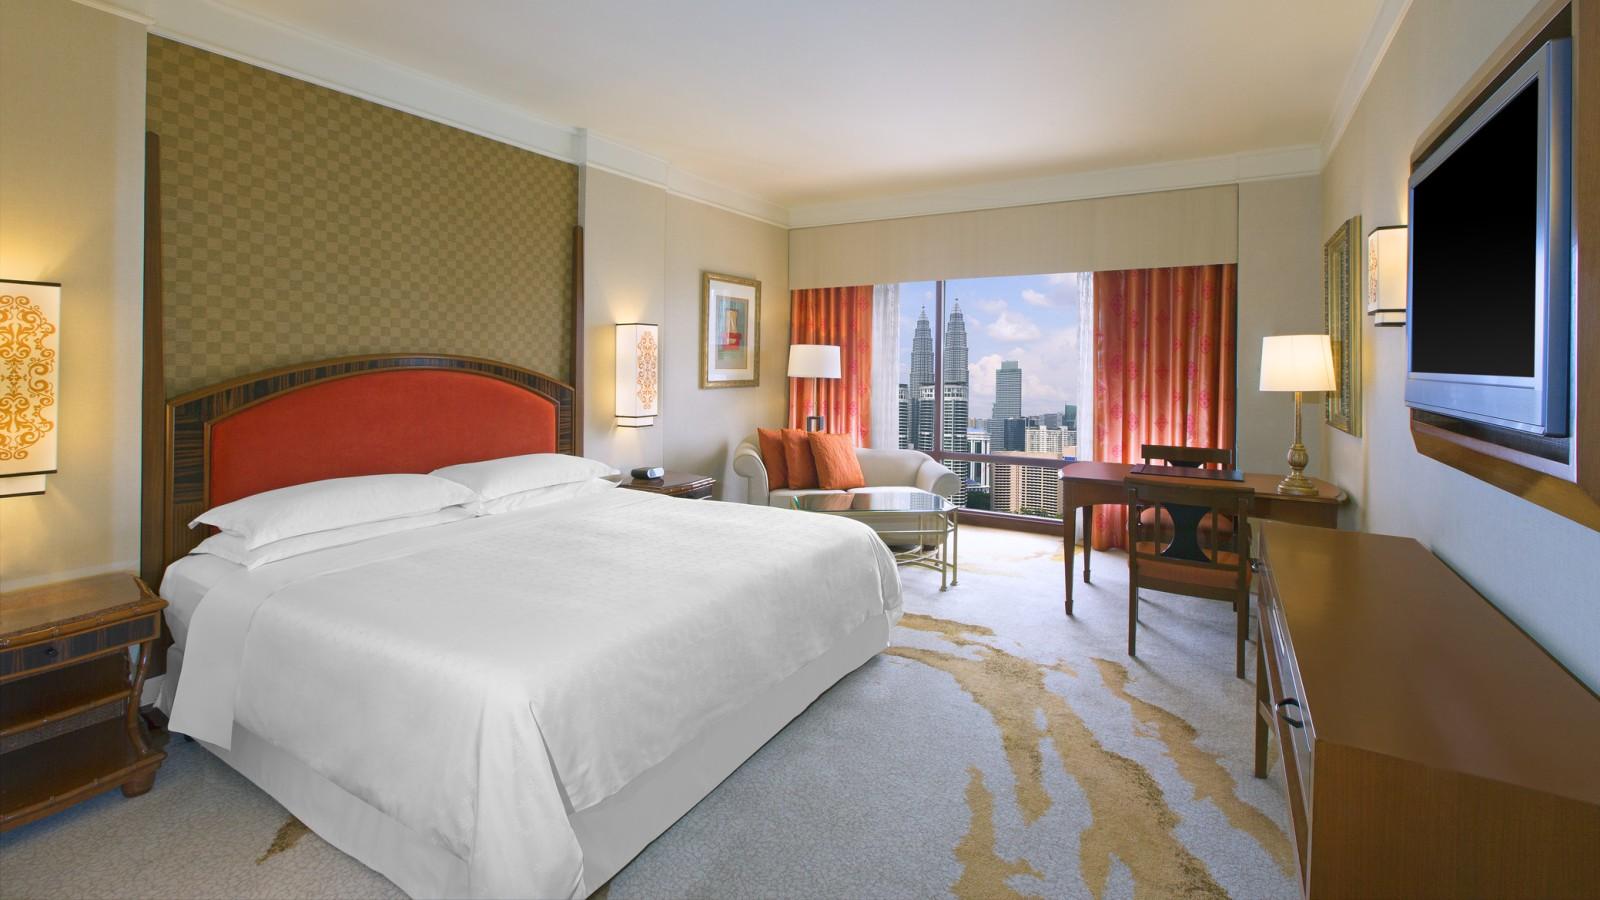 Kamar tipe Deluxe di Sheraton Imperial Kuala Lumpur.